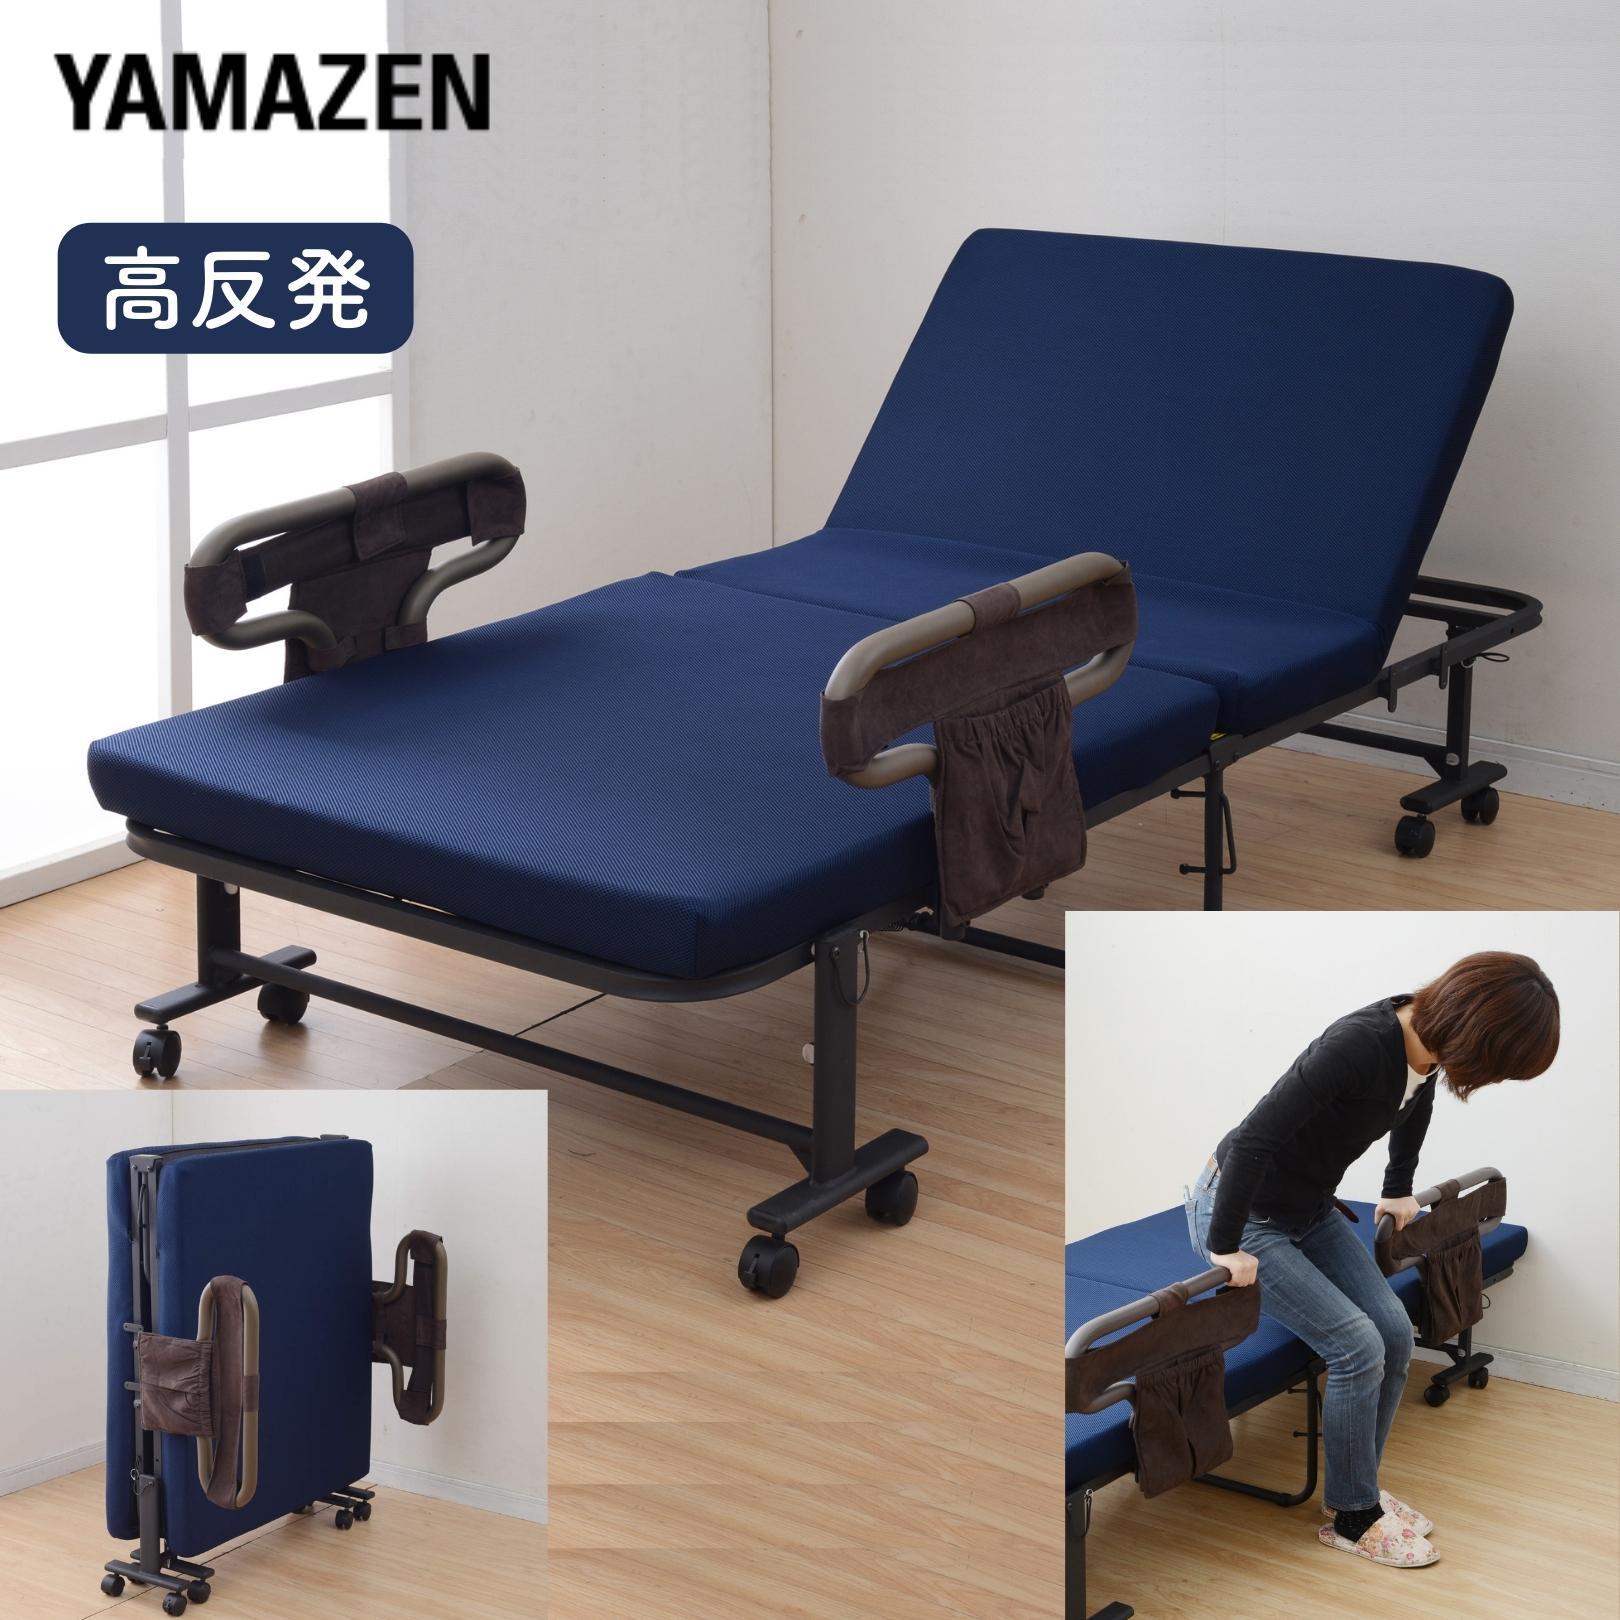 手すり付 高反発 折りたたみベッド シングル BAS-1S(WNV)RGK ネイビー 組み立て簡単 高反発ベッド 折り畳みベッド 折畳みベッド シングルベッド 組立簡単 山善 YAMAZEN【送料無料】